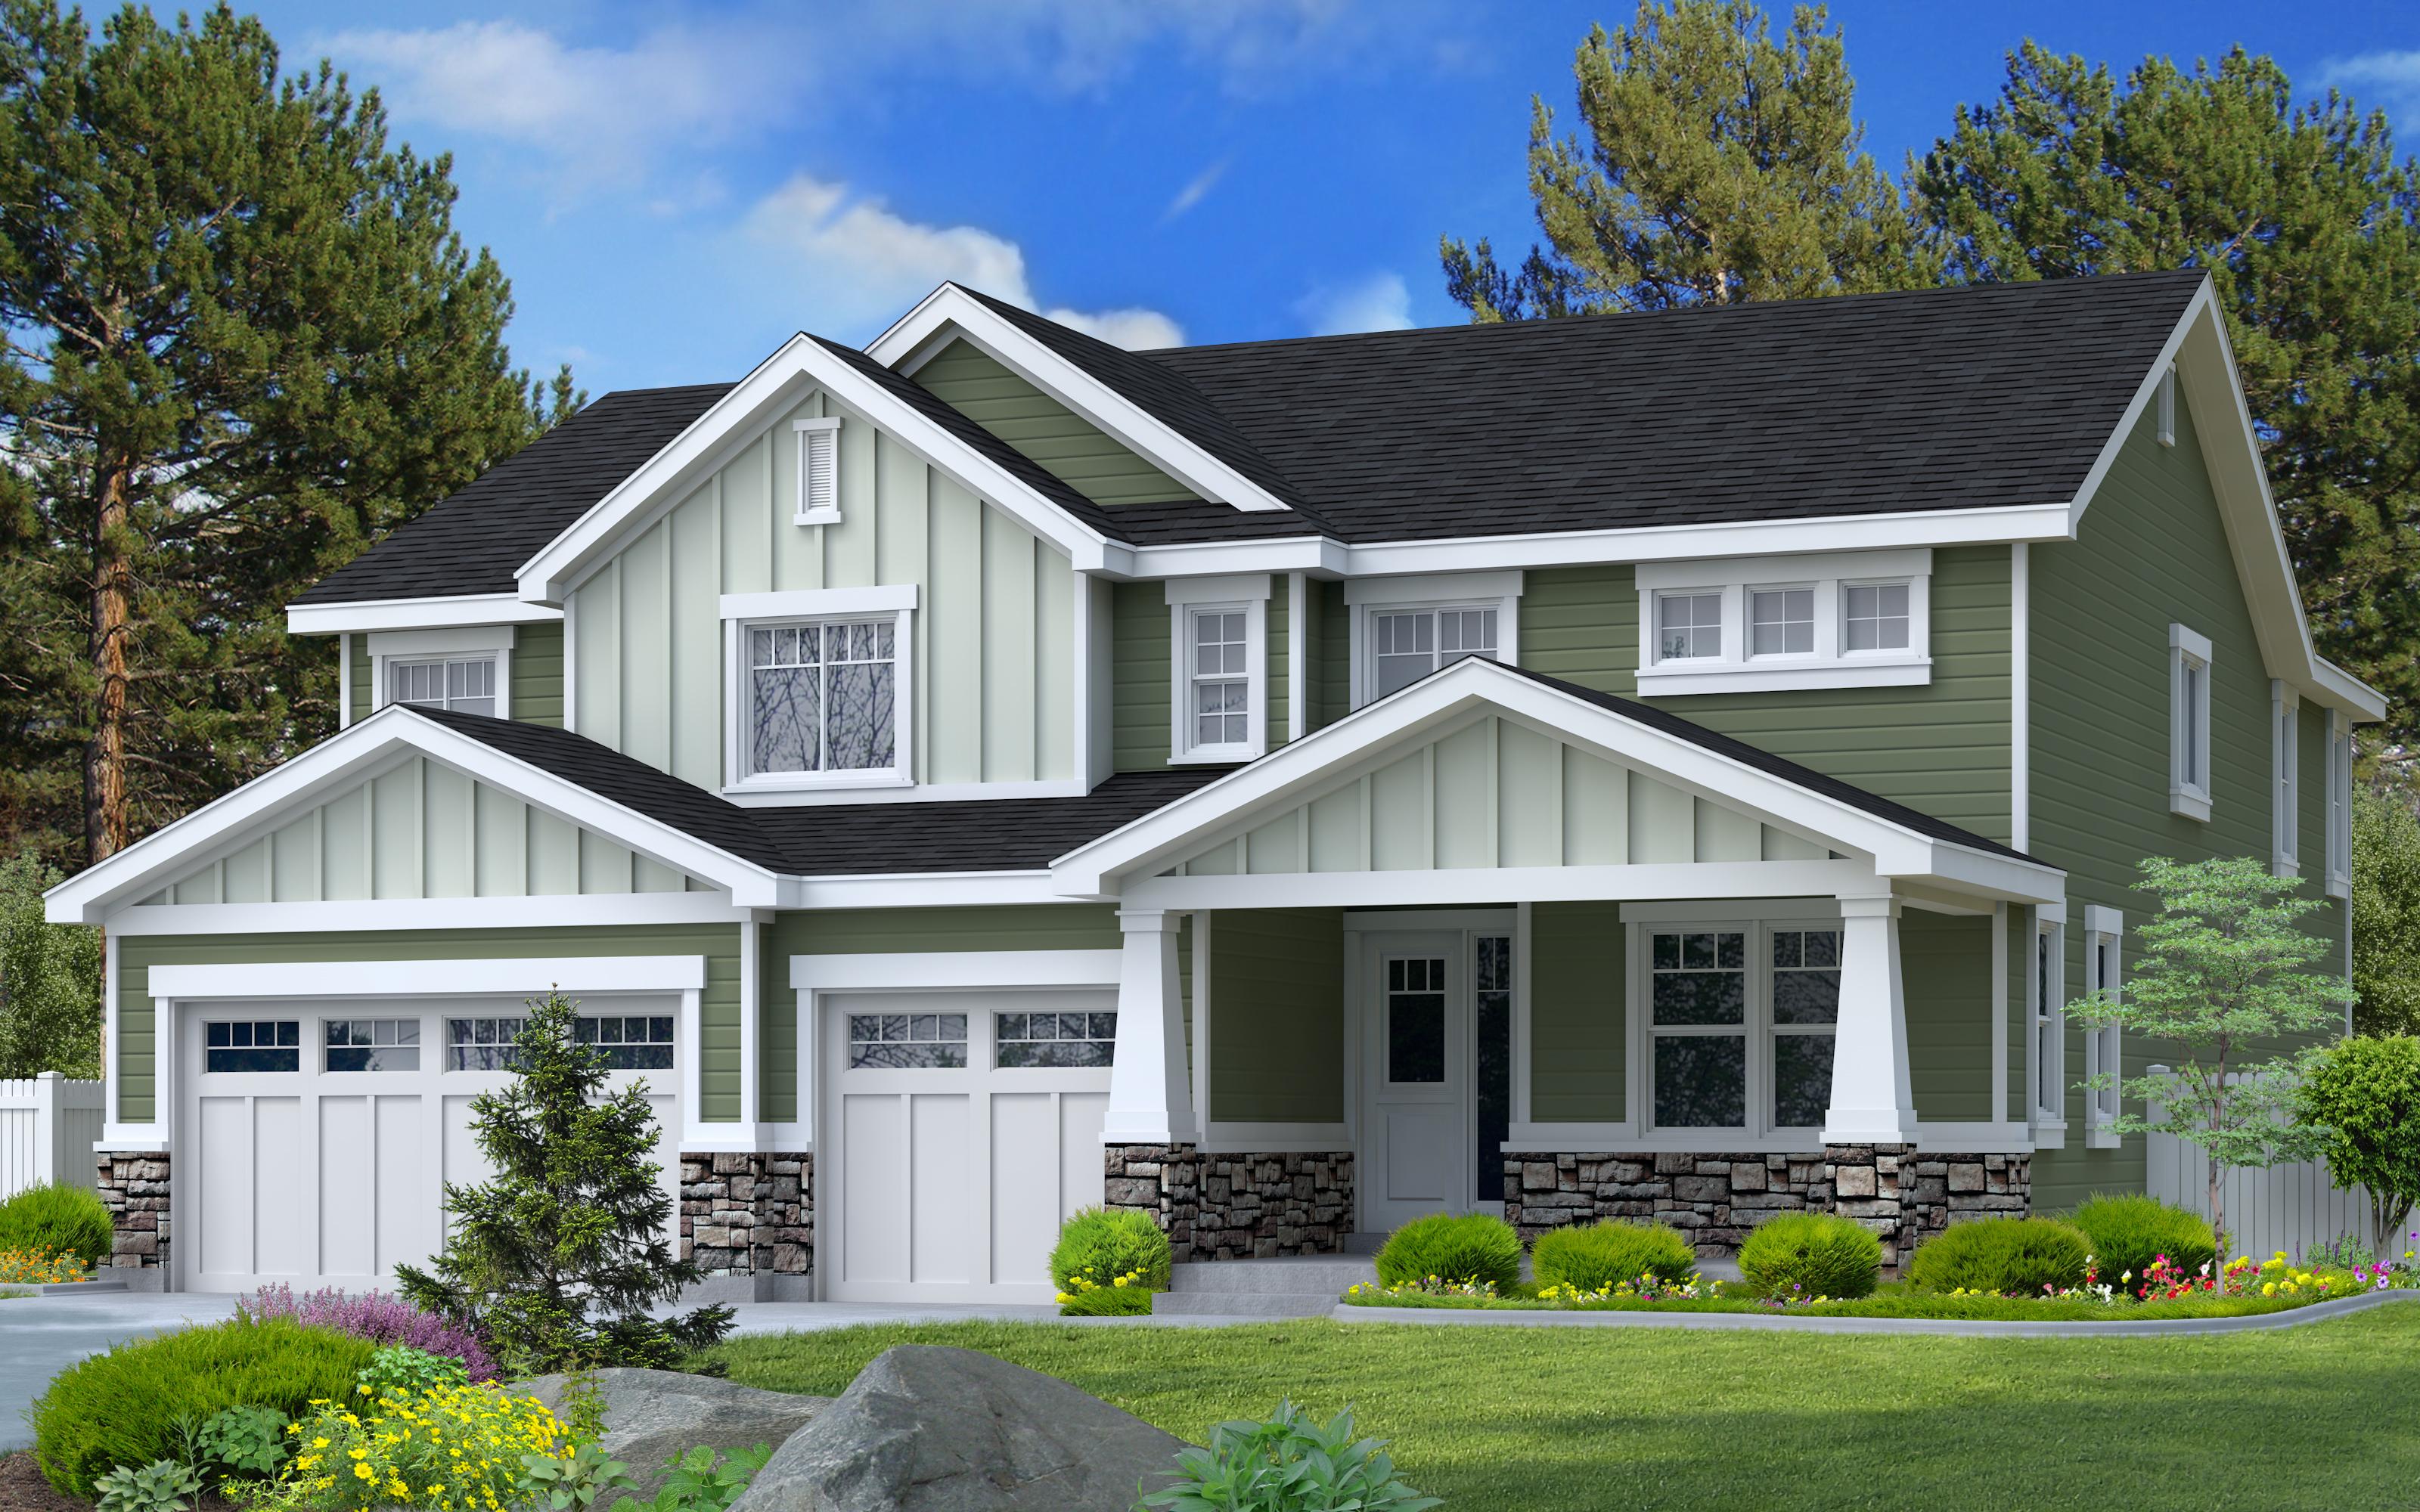 Ash floor plan custom designed by Perry Homes, Utah.